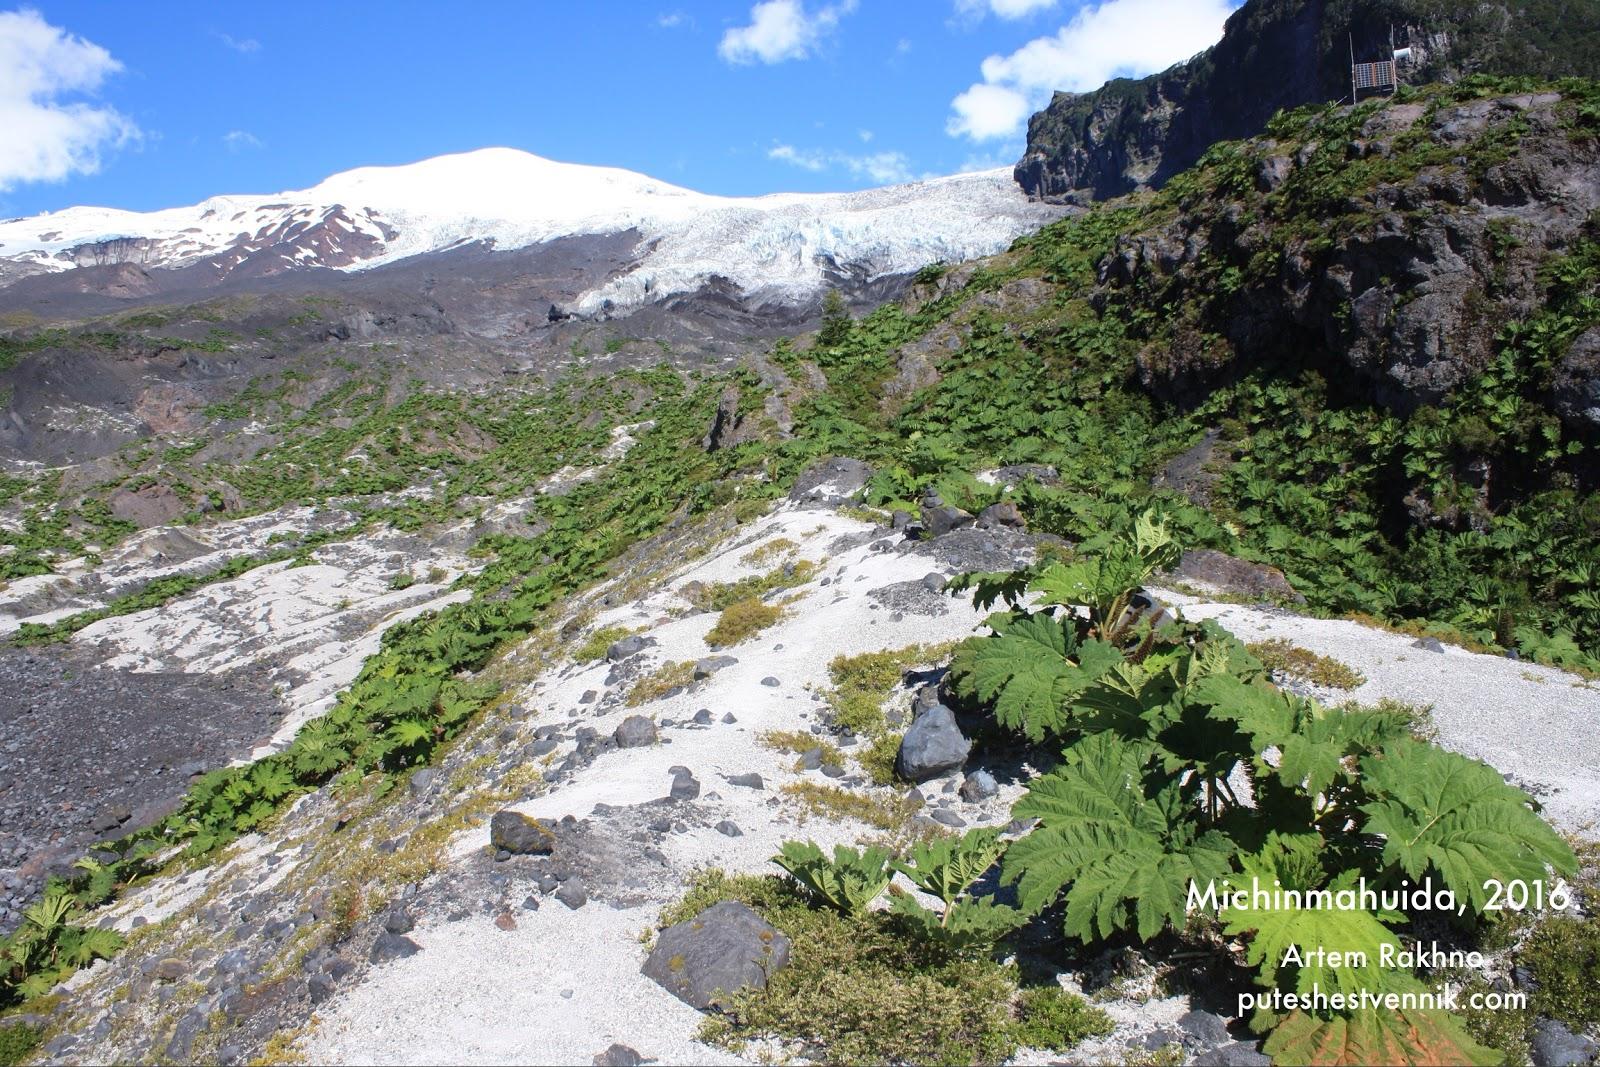 Вулкан Мичинмахуида